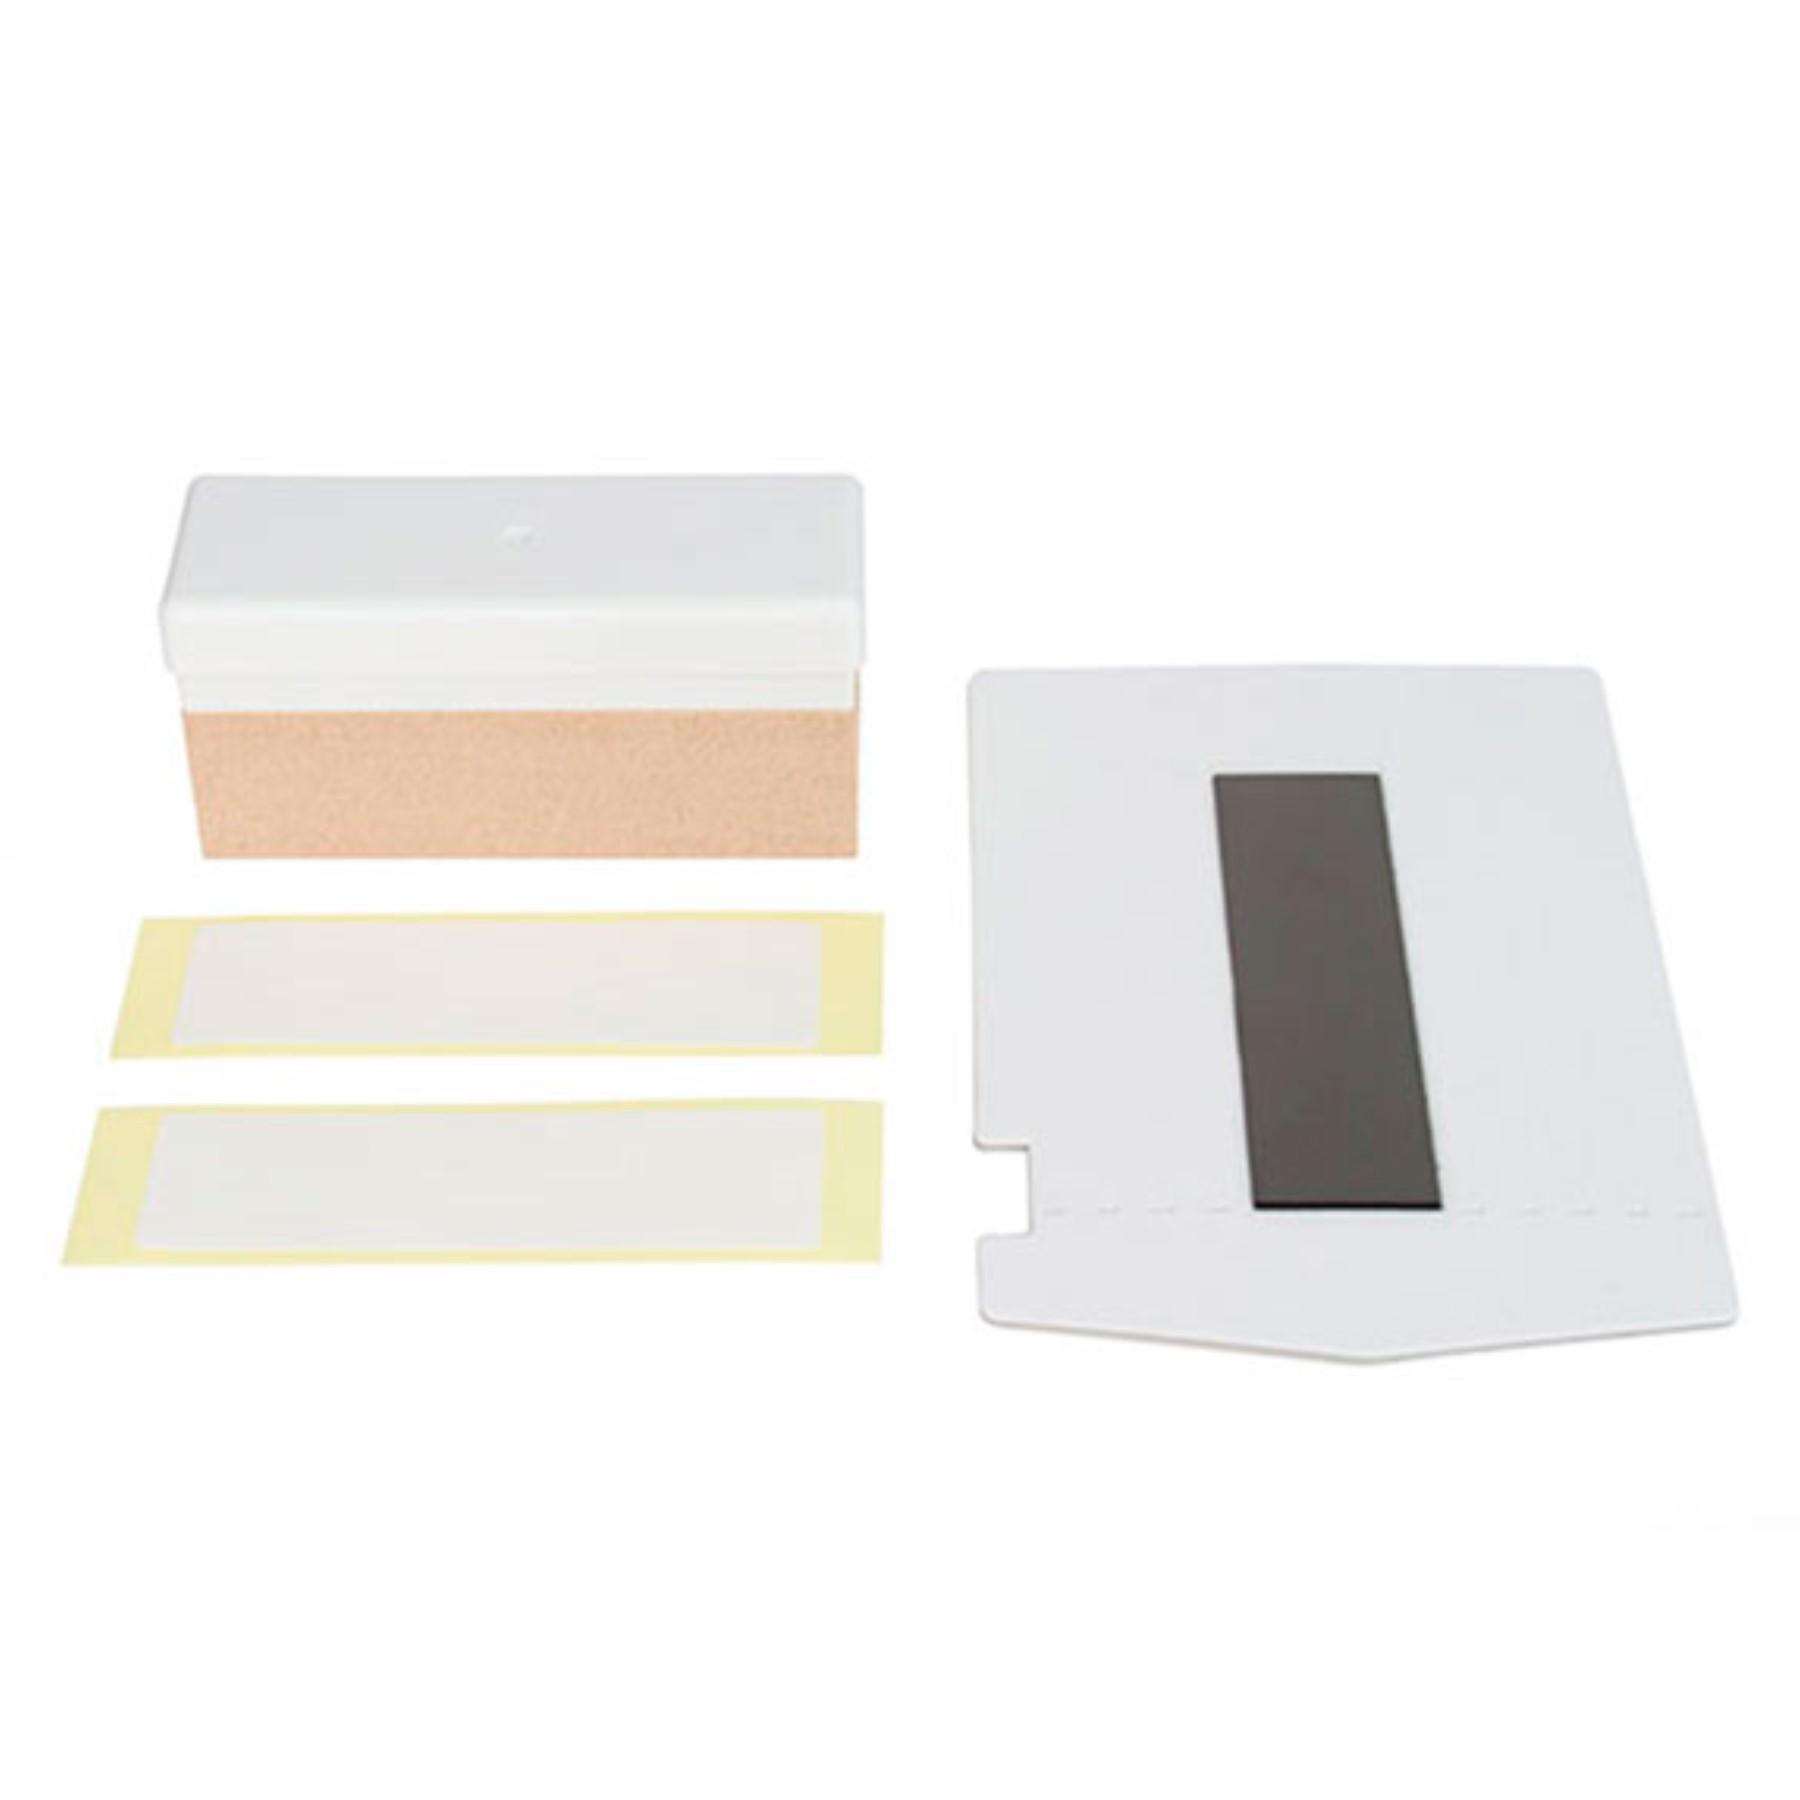 Kit de timbre 1,5 x 6 cm